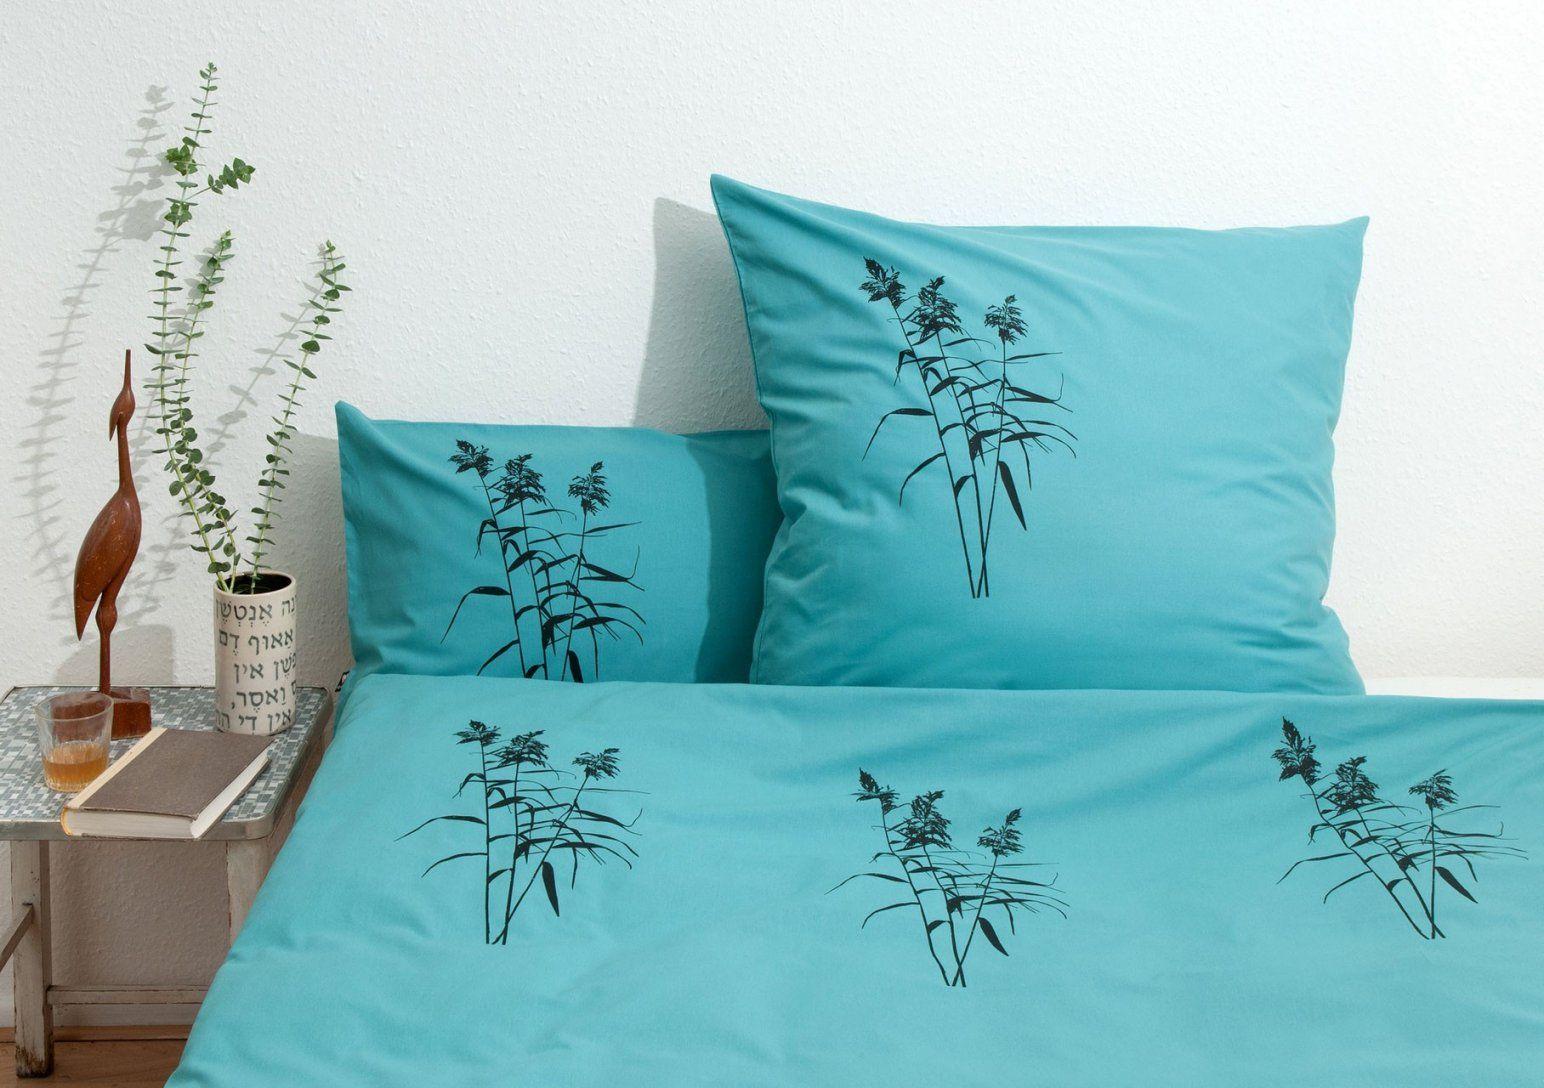 Startling Bettwäsche Bedrucken Lassen Luxus Online Ideen Bill Steward von Bettwäsche Eigenes Motiv Photo